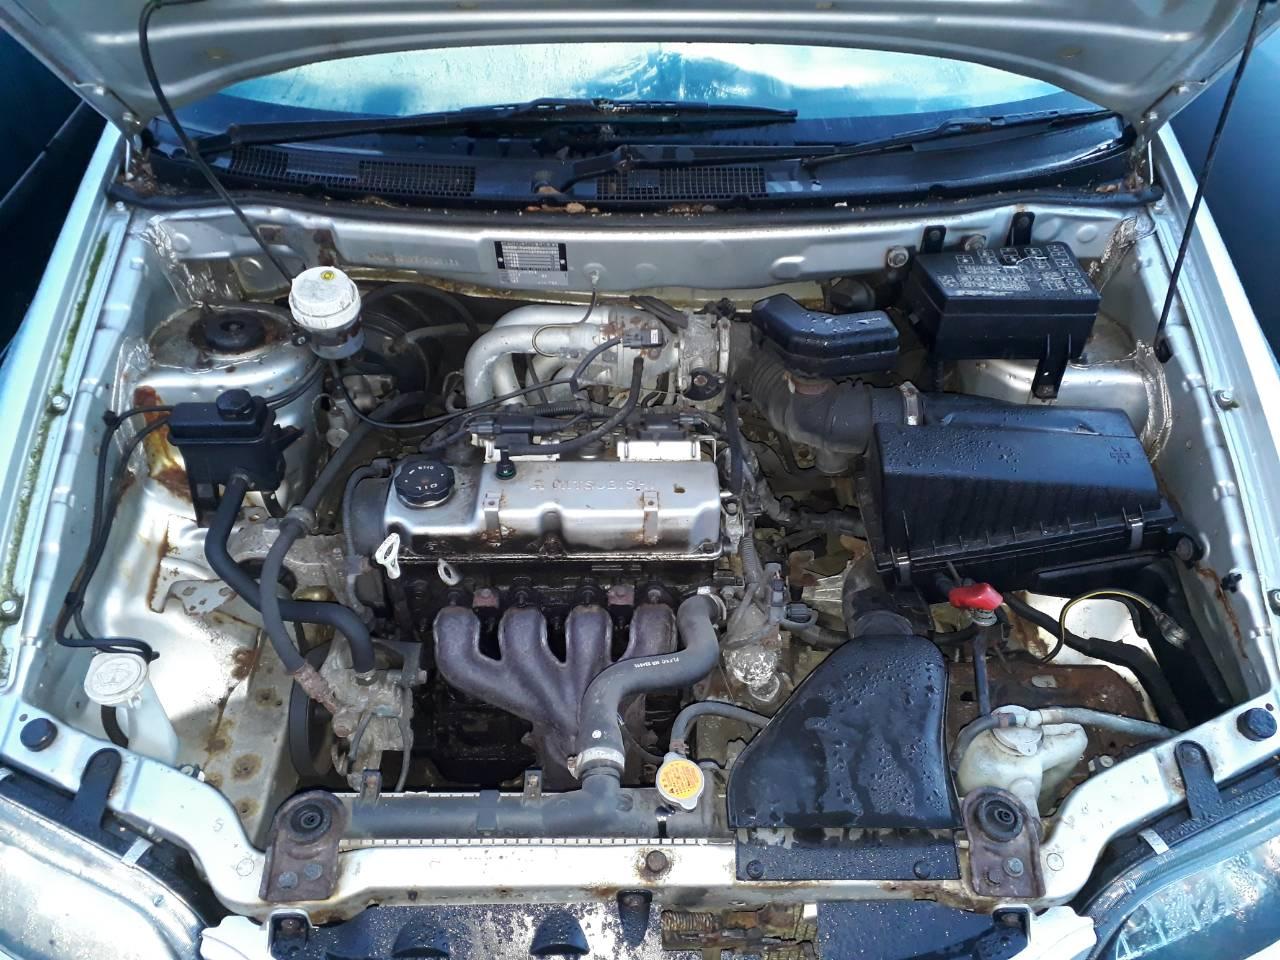 Двигатель (ДВС) Mitsubishi Space Star 2002 Хетчбэк 5дв. Механика 1.3i 16v 82лс